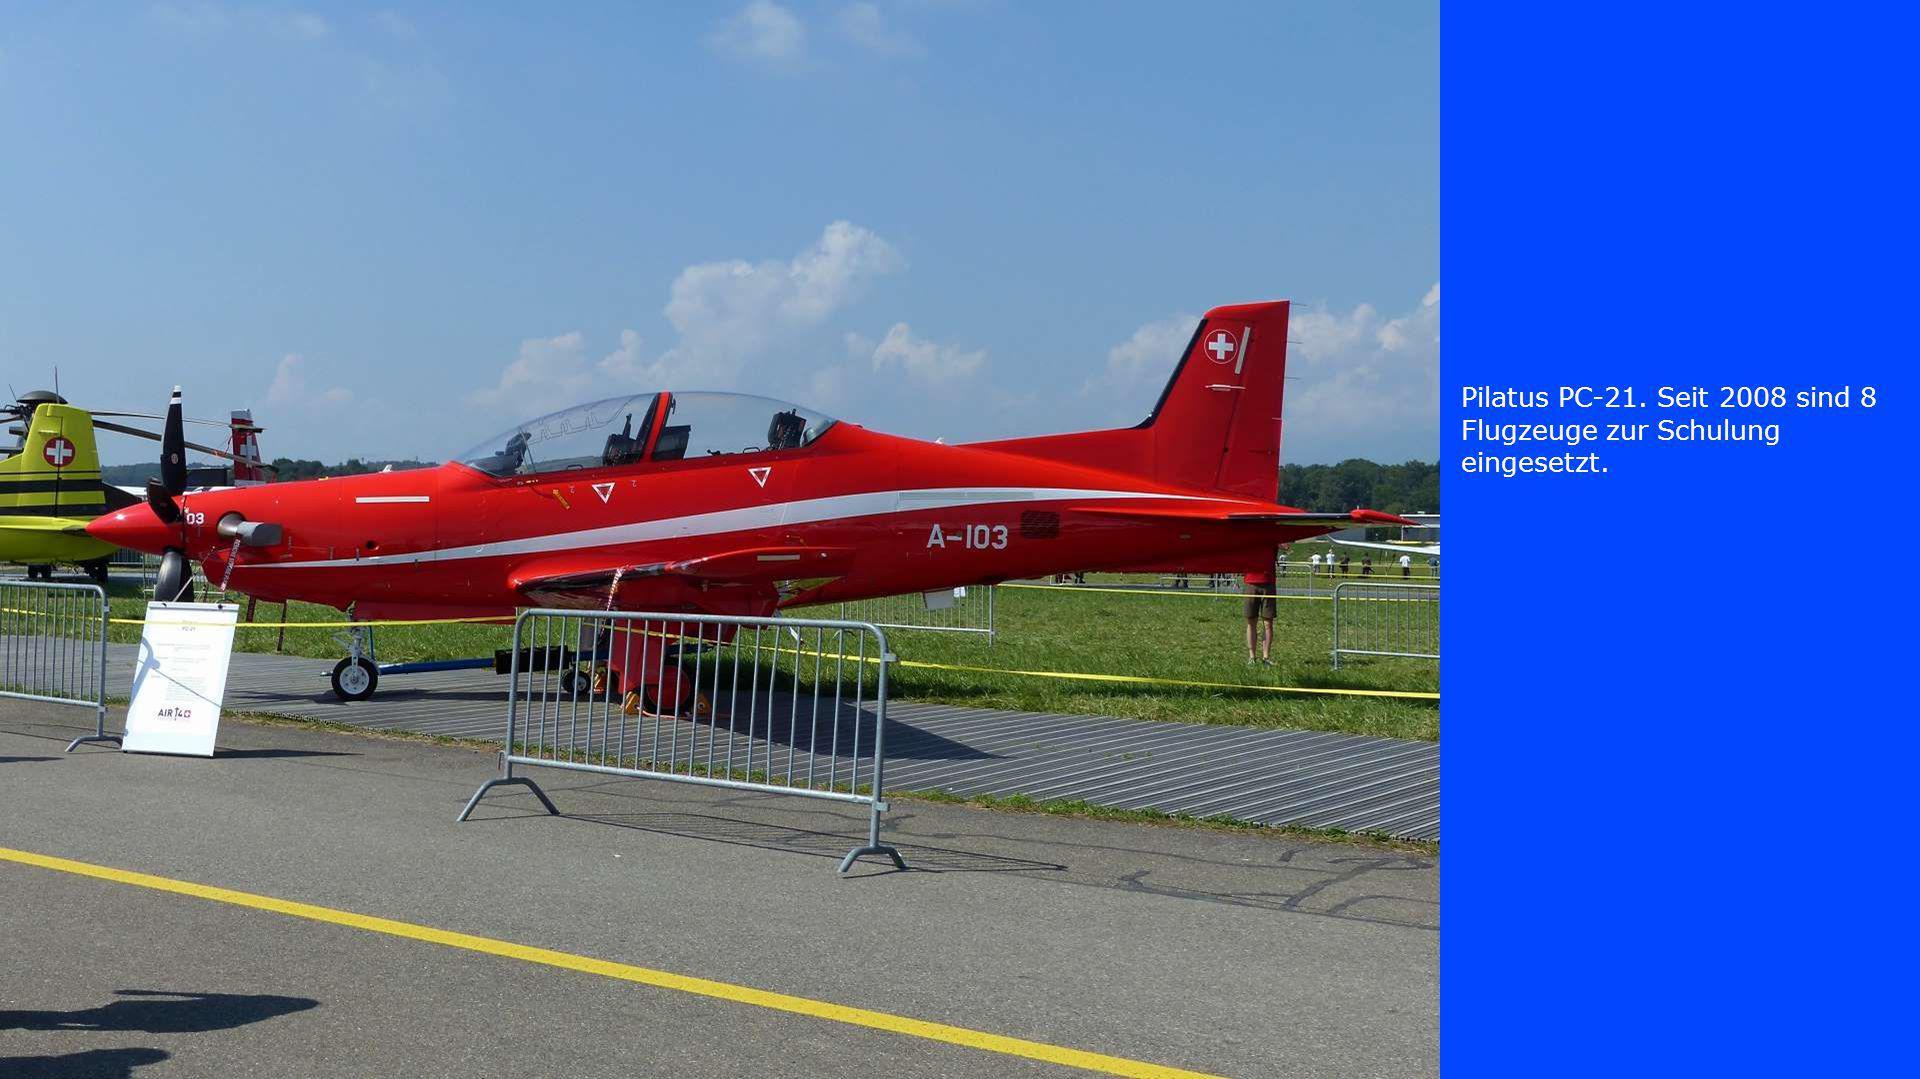 Pilatus PC-21. Seit 2008 sind 8 Flugzeuge zur Schulung eingesetzt.